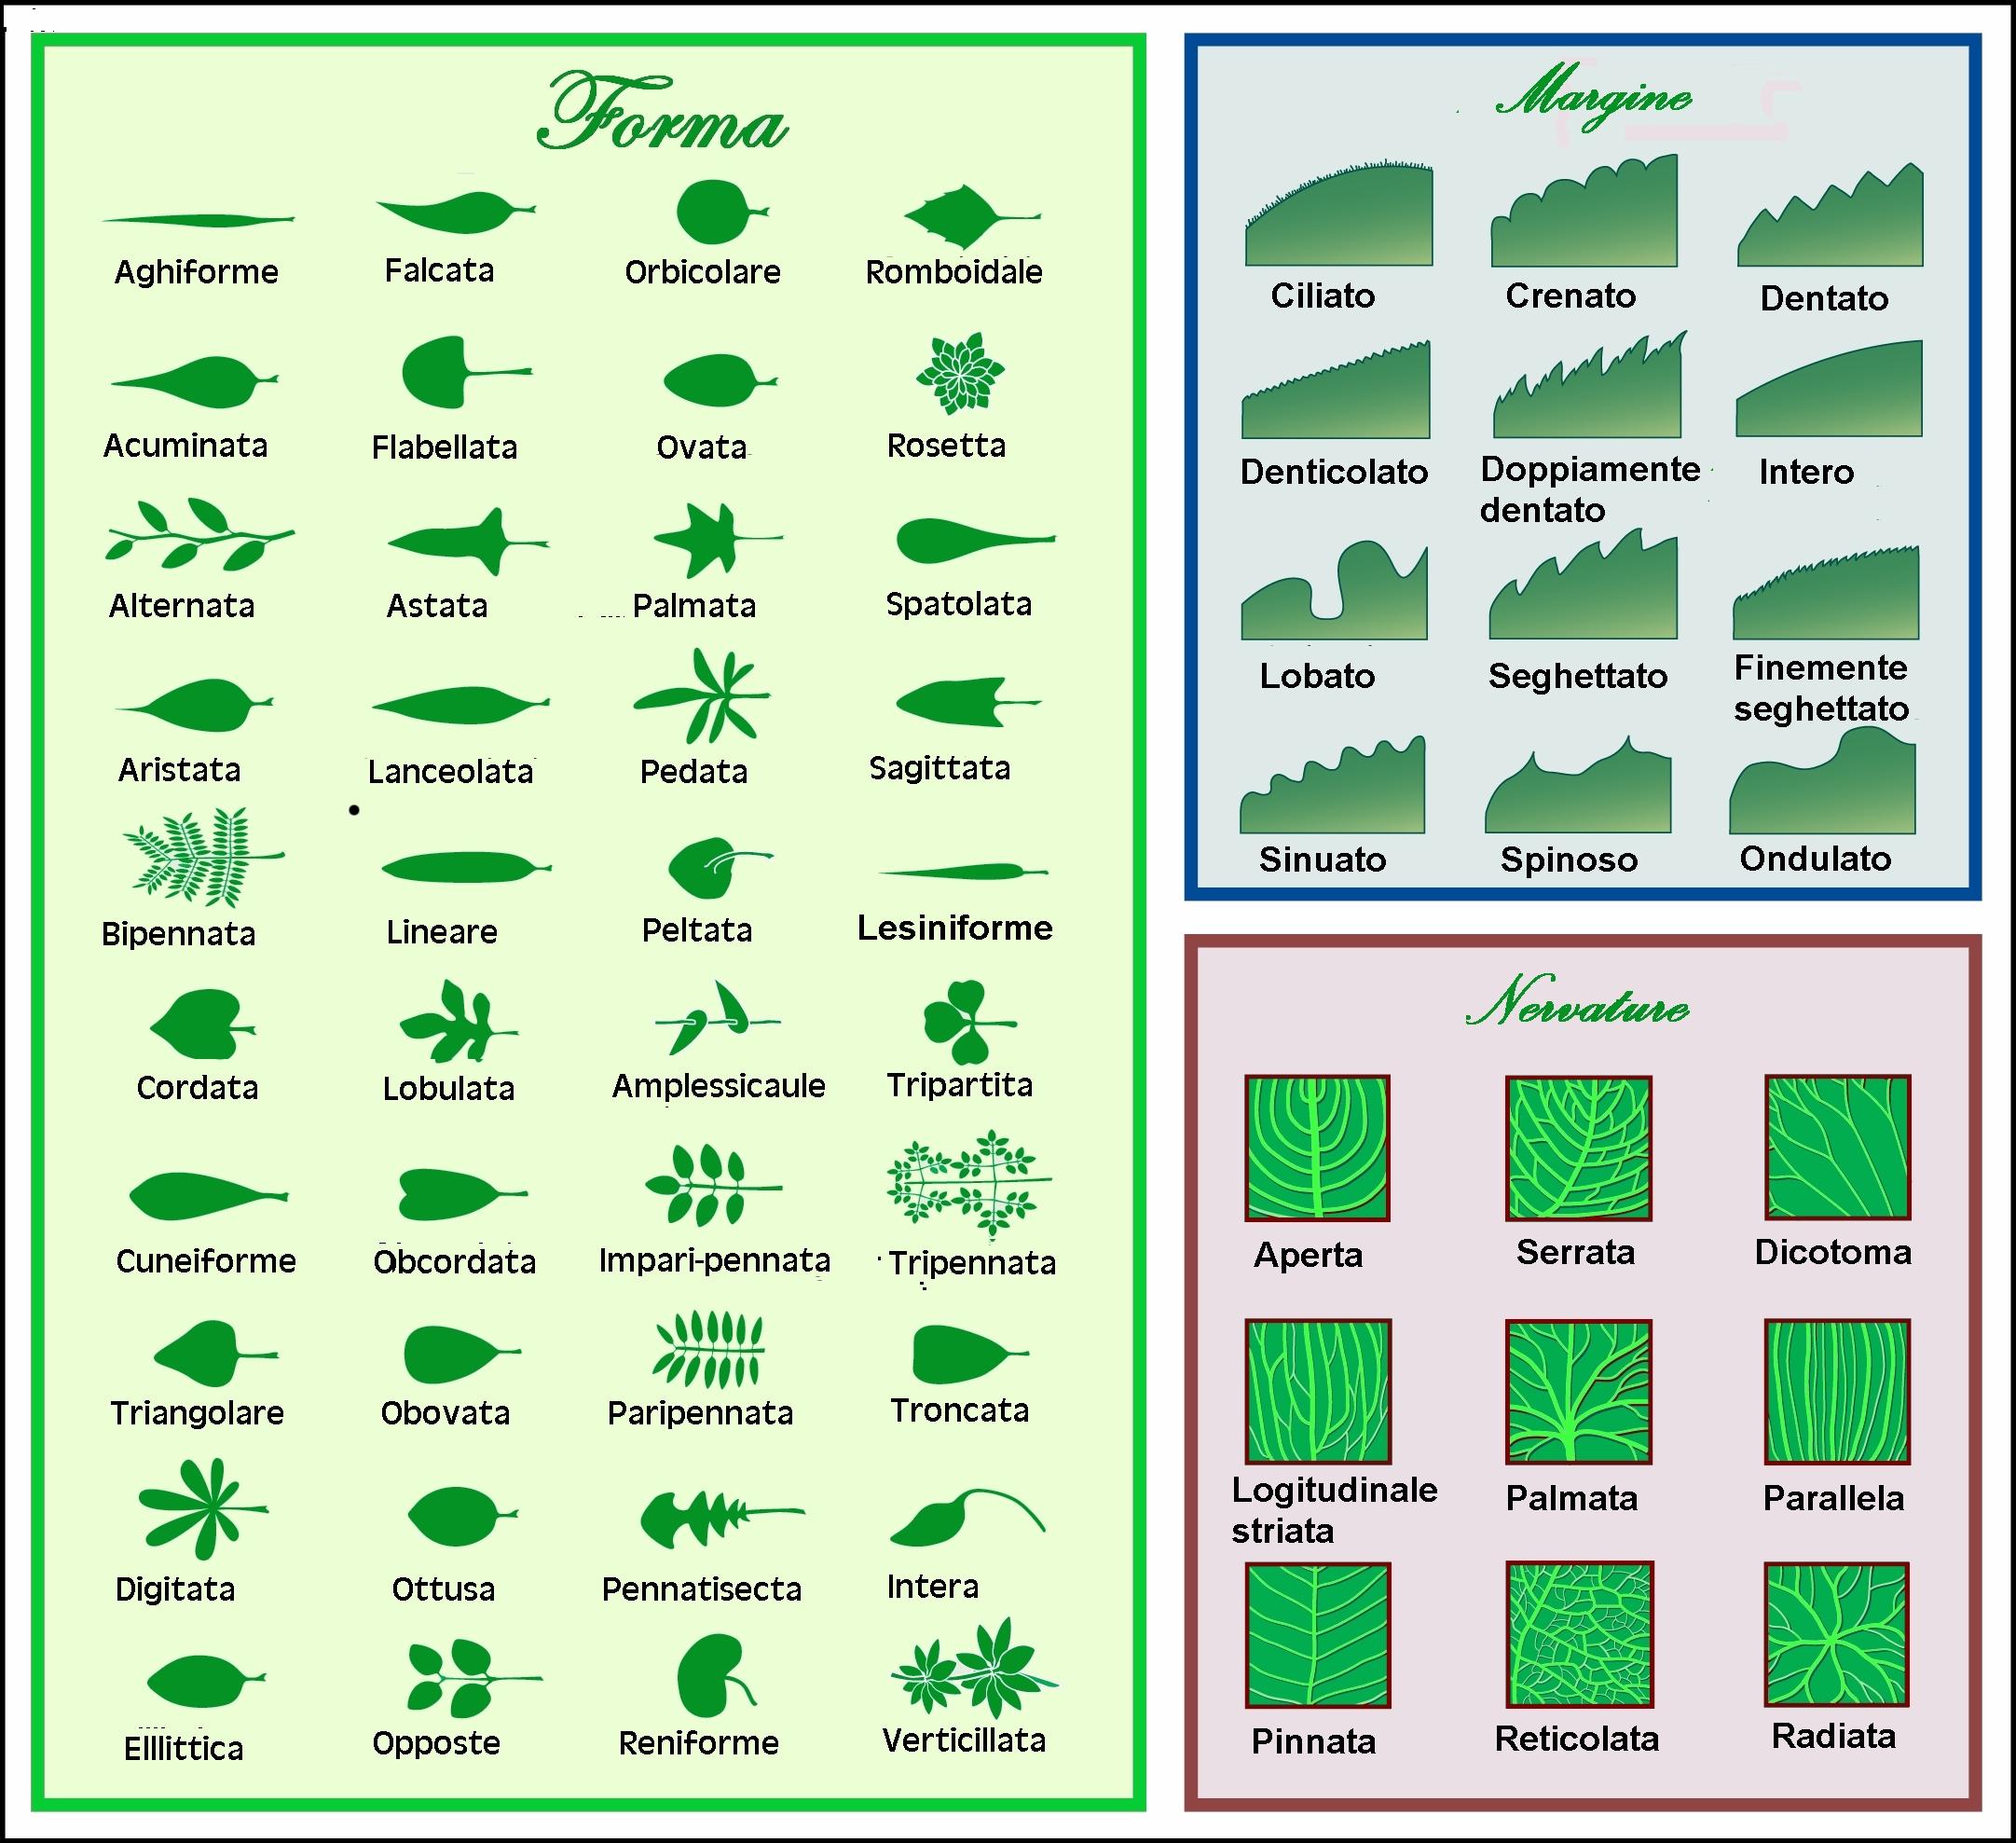 Fotosintesi Clorofilliana Spiegata Ai Bambini